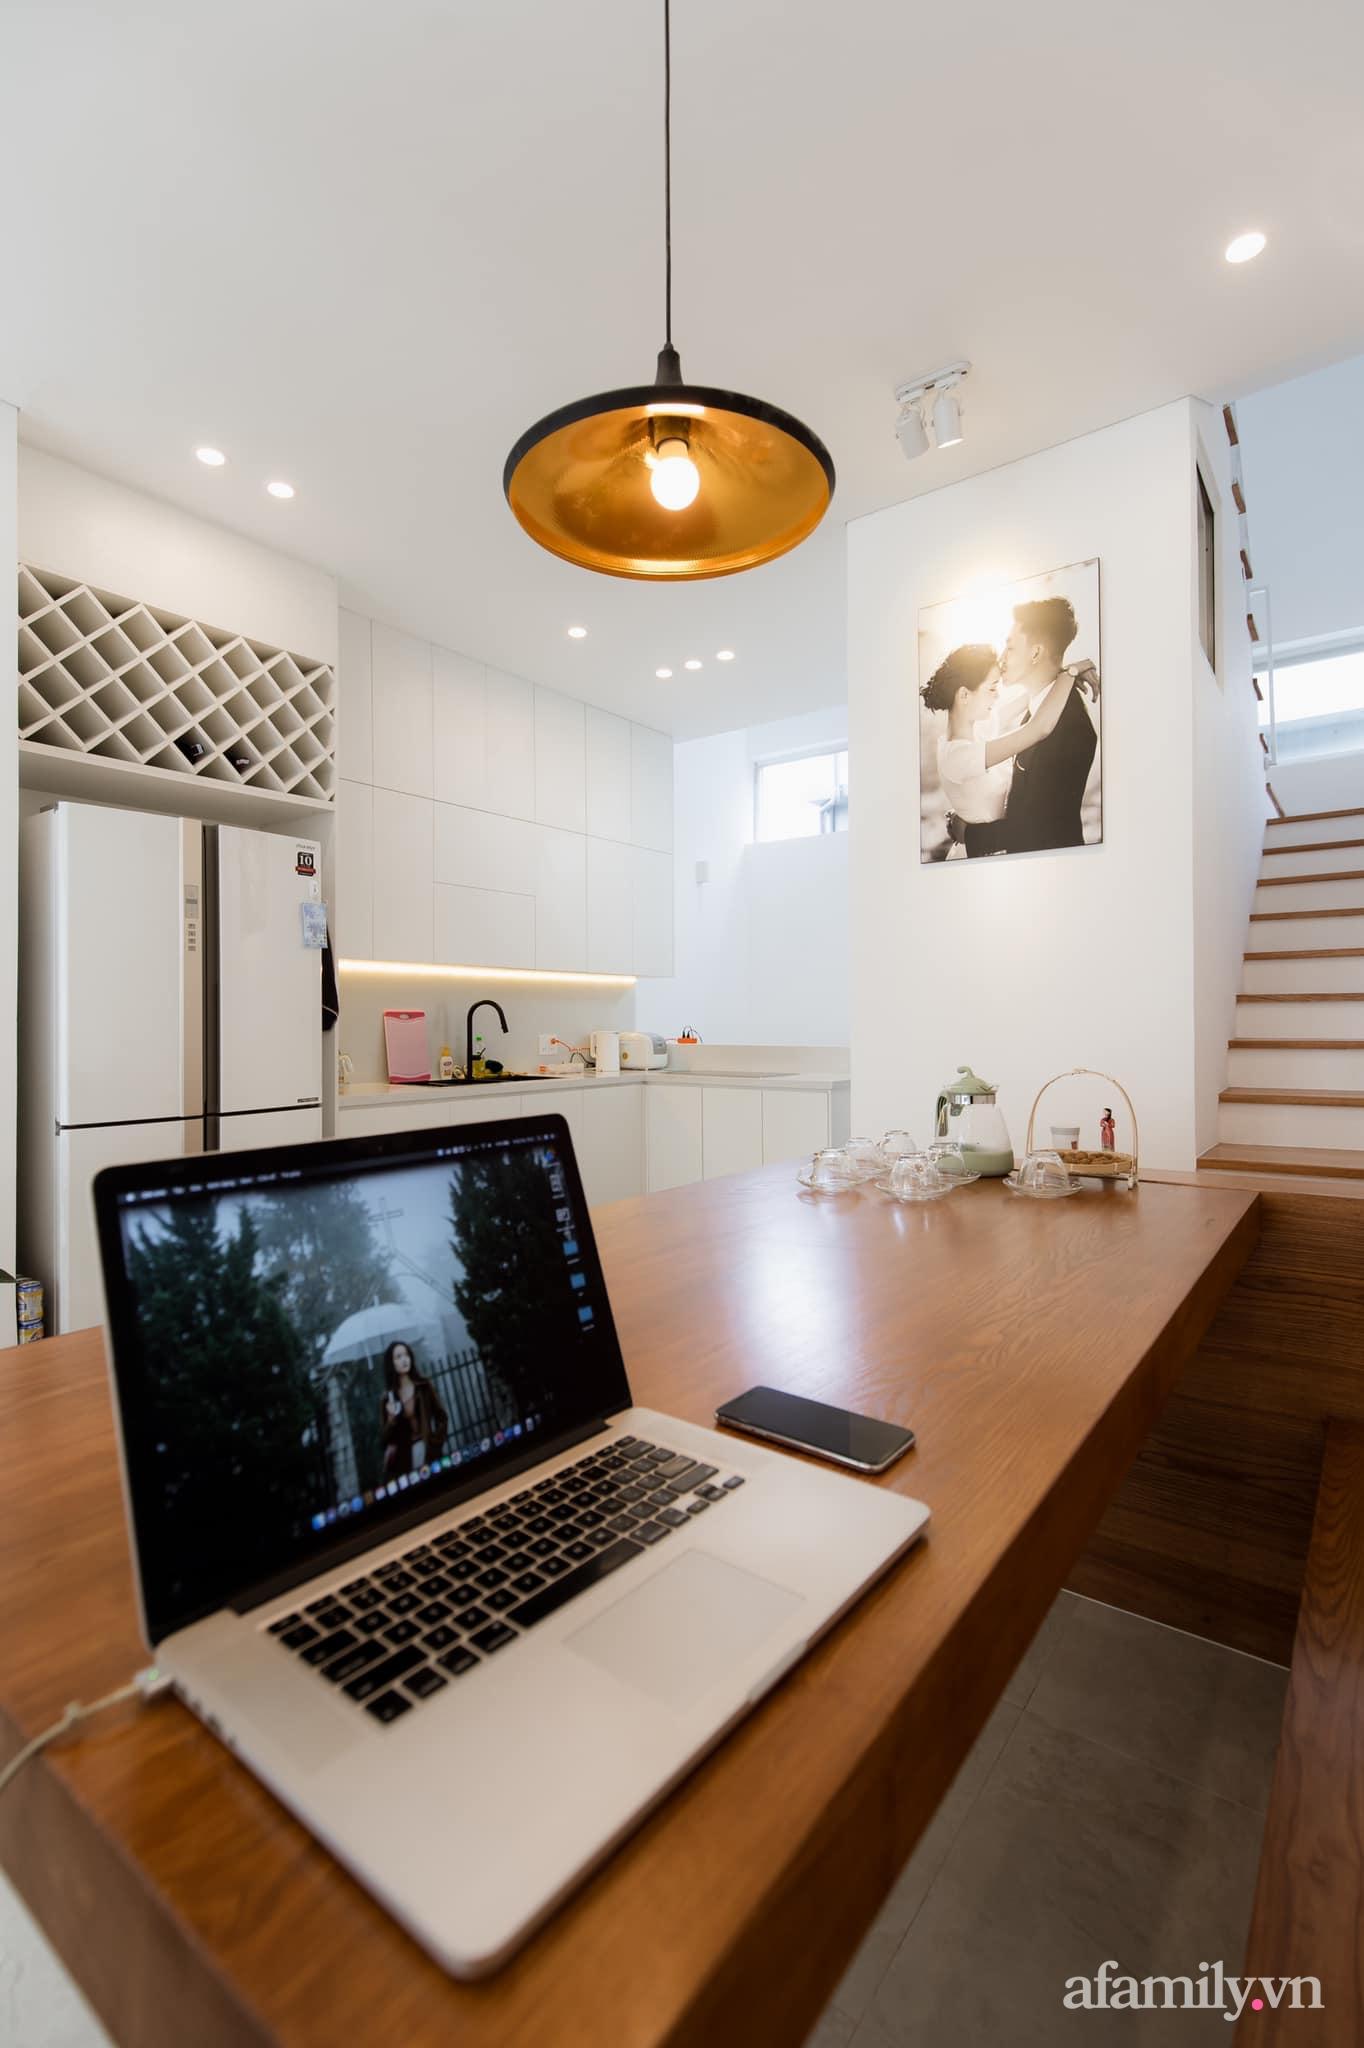 Căn nhà phố màu trắng gọn xinh ấm cúng của cặp vợ chồng trẻ Đà Nẵng có chi phí hoàn thiện 1,4 tỷ đồng - Ảnh 13.